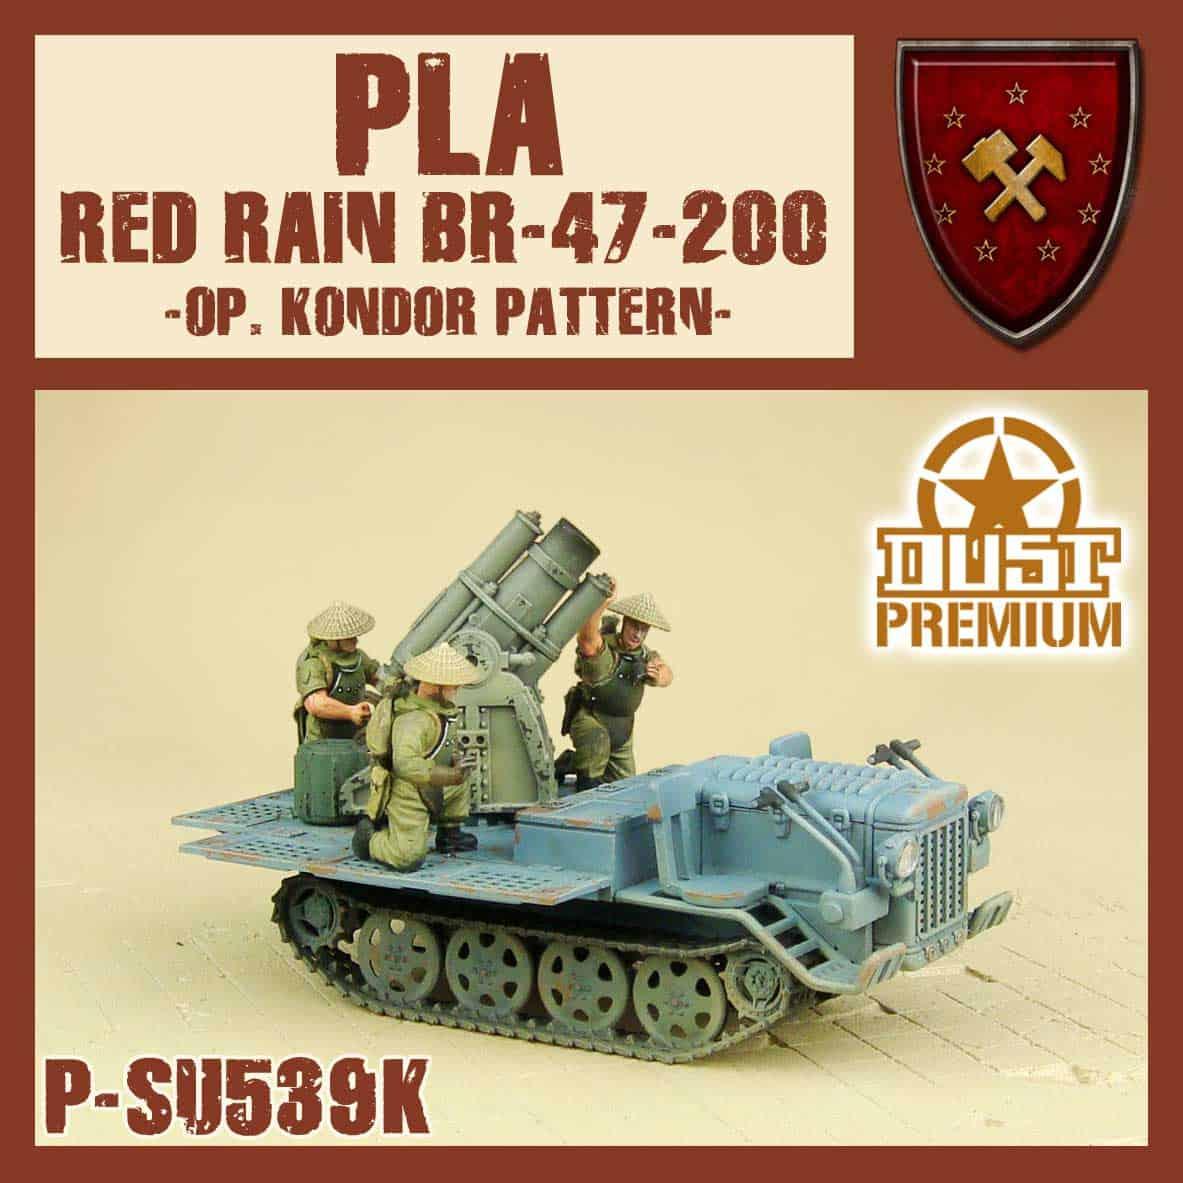 Red Rain Premium PLA